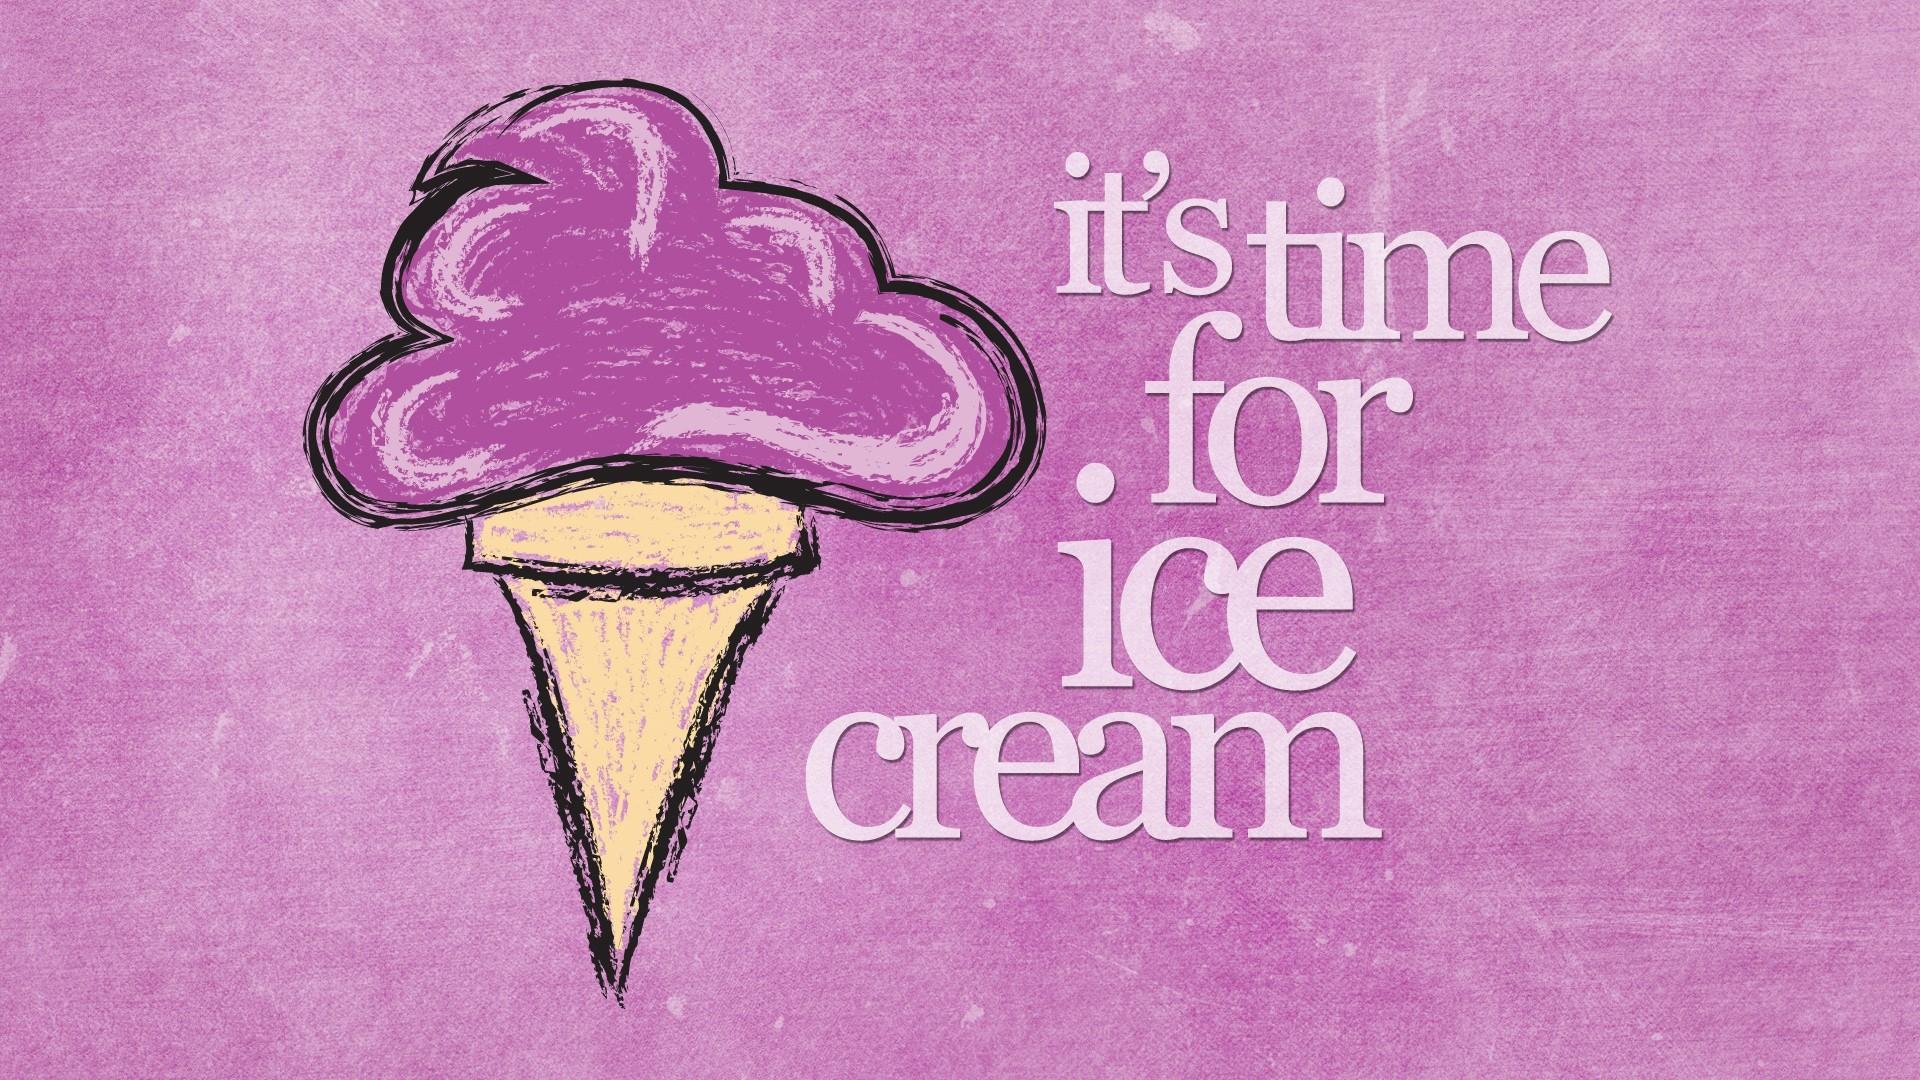 Cute Ice Cream Wallpaper 53 Images